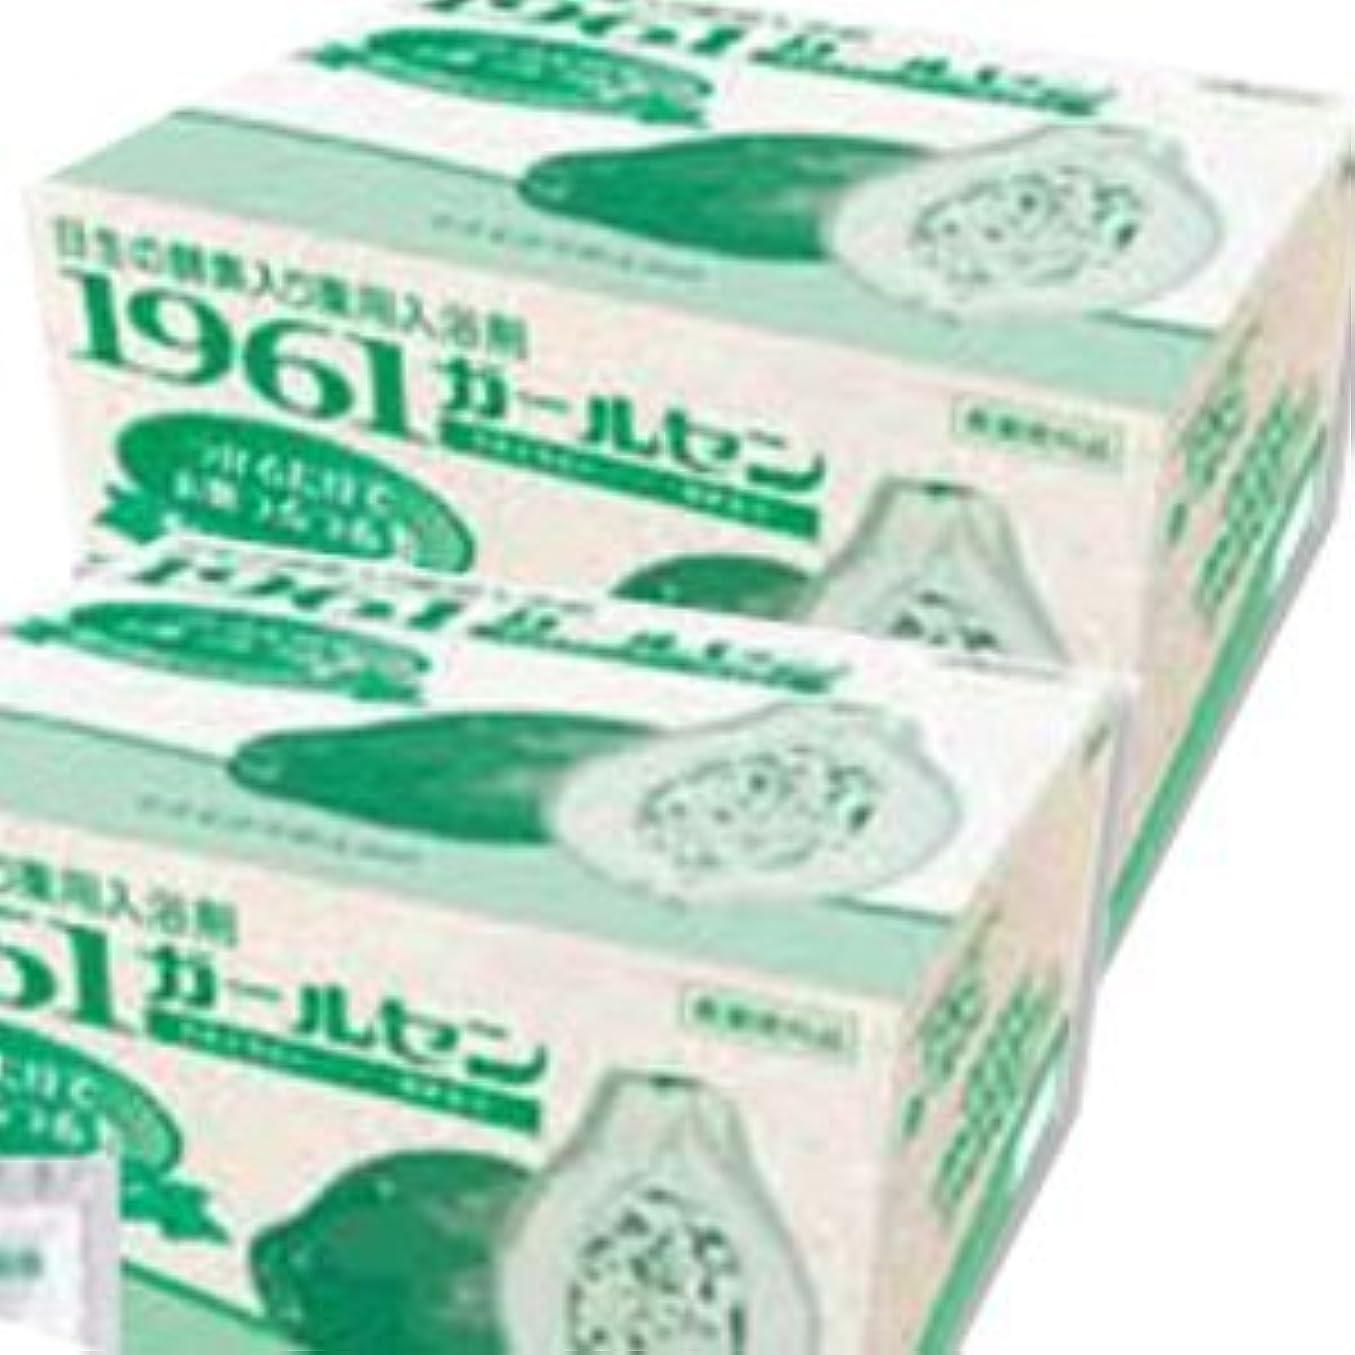 防衛レンダリング玉ねぎ日本生化学 薬用入浴剤 1961ガールセン (20g×60包)×2箱 (医薬部外品)